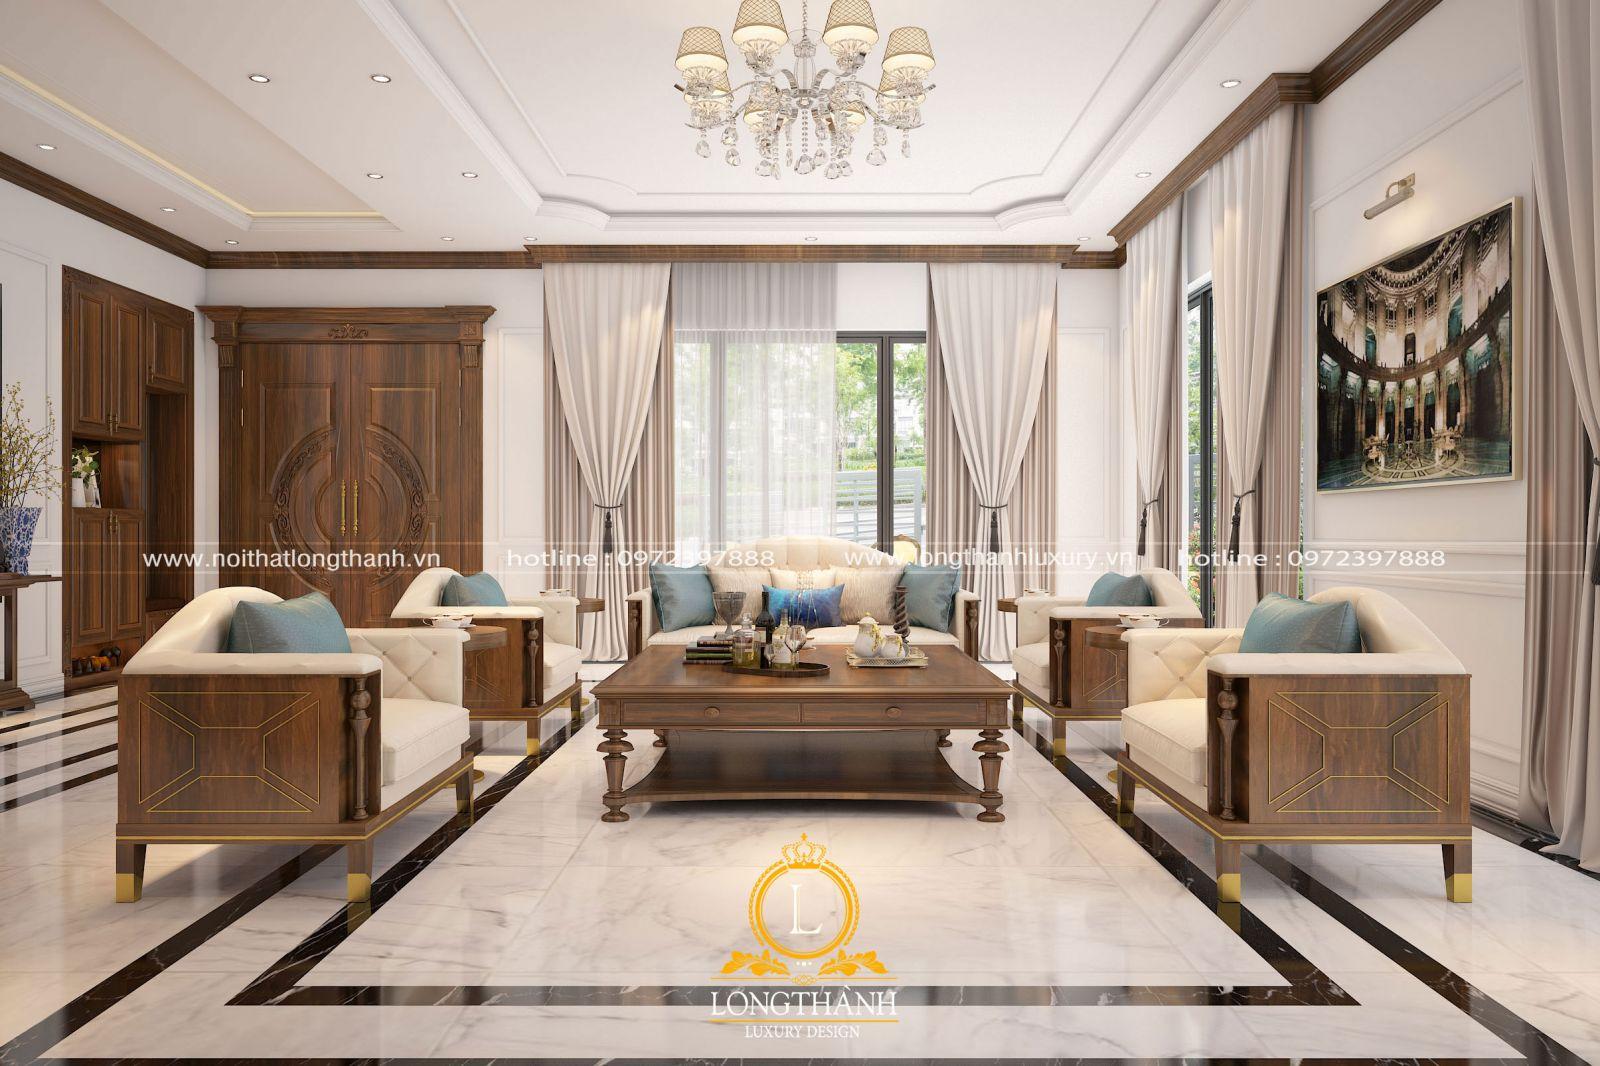 Không gian phòng khách hiện đại với gỗ tự nhiên cao cấp